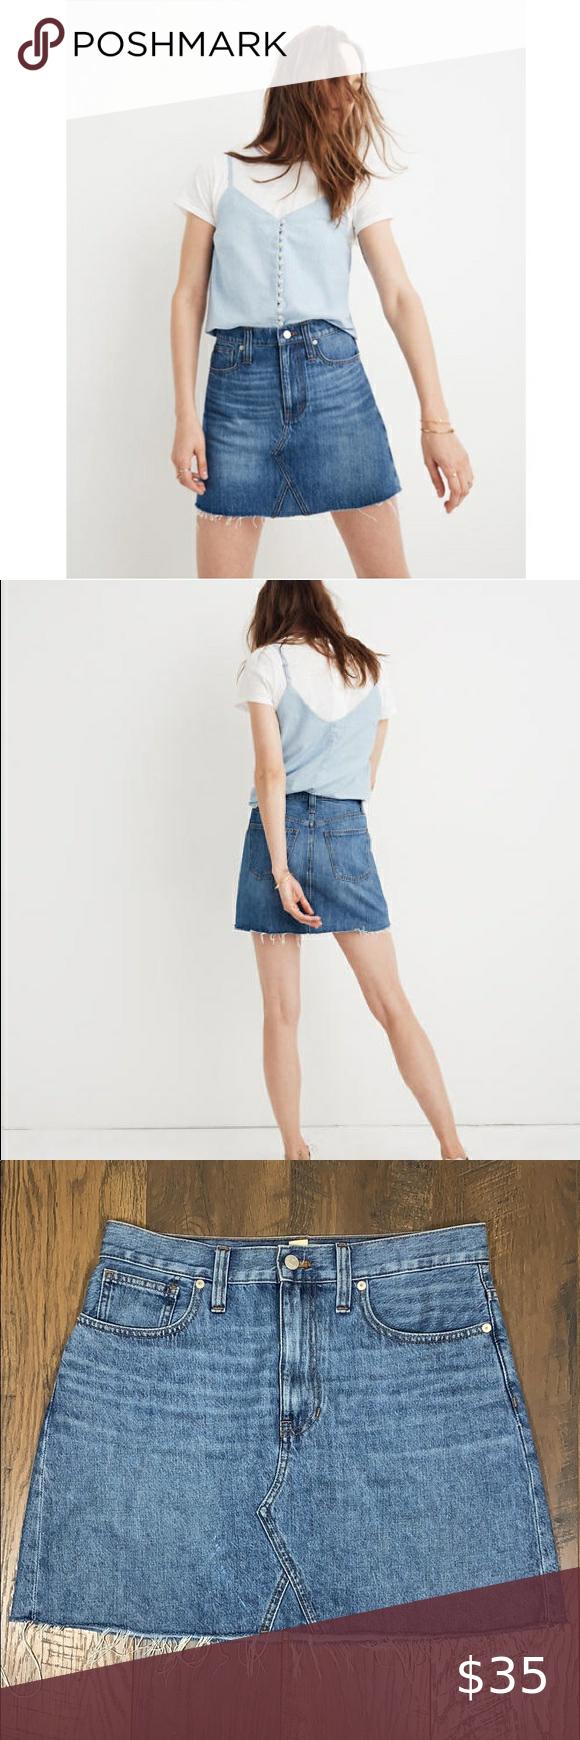 Mini skirts size 33 Madewell Rigid Denim A Line Mini Skirt A Line Mini Skirt Mini Skirts Skirts